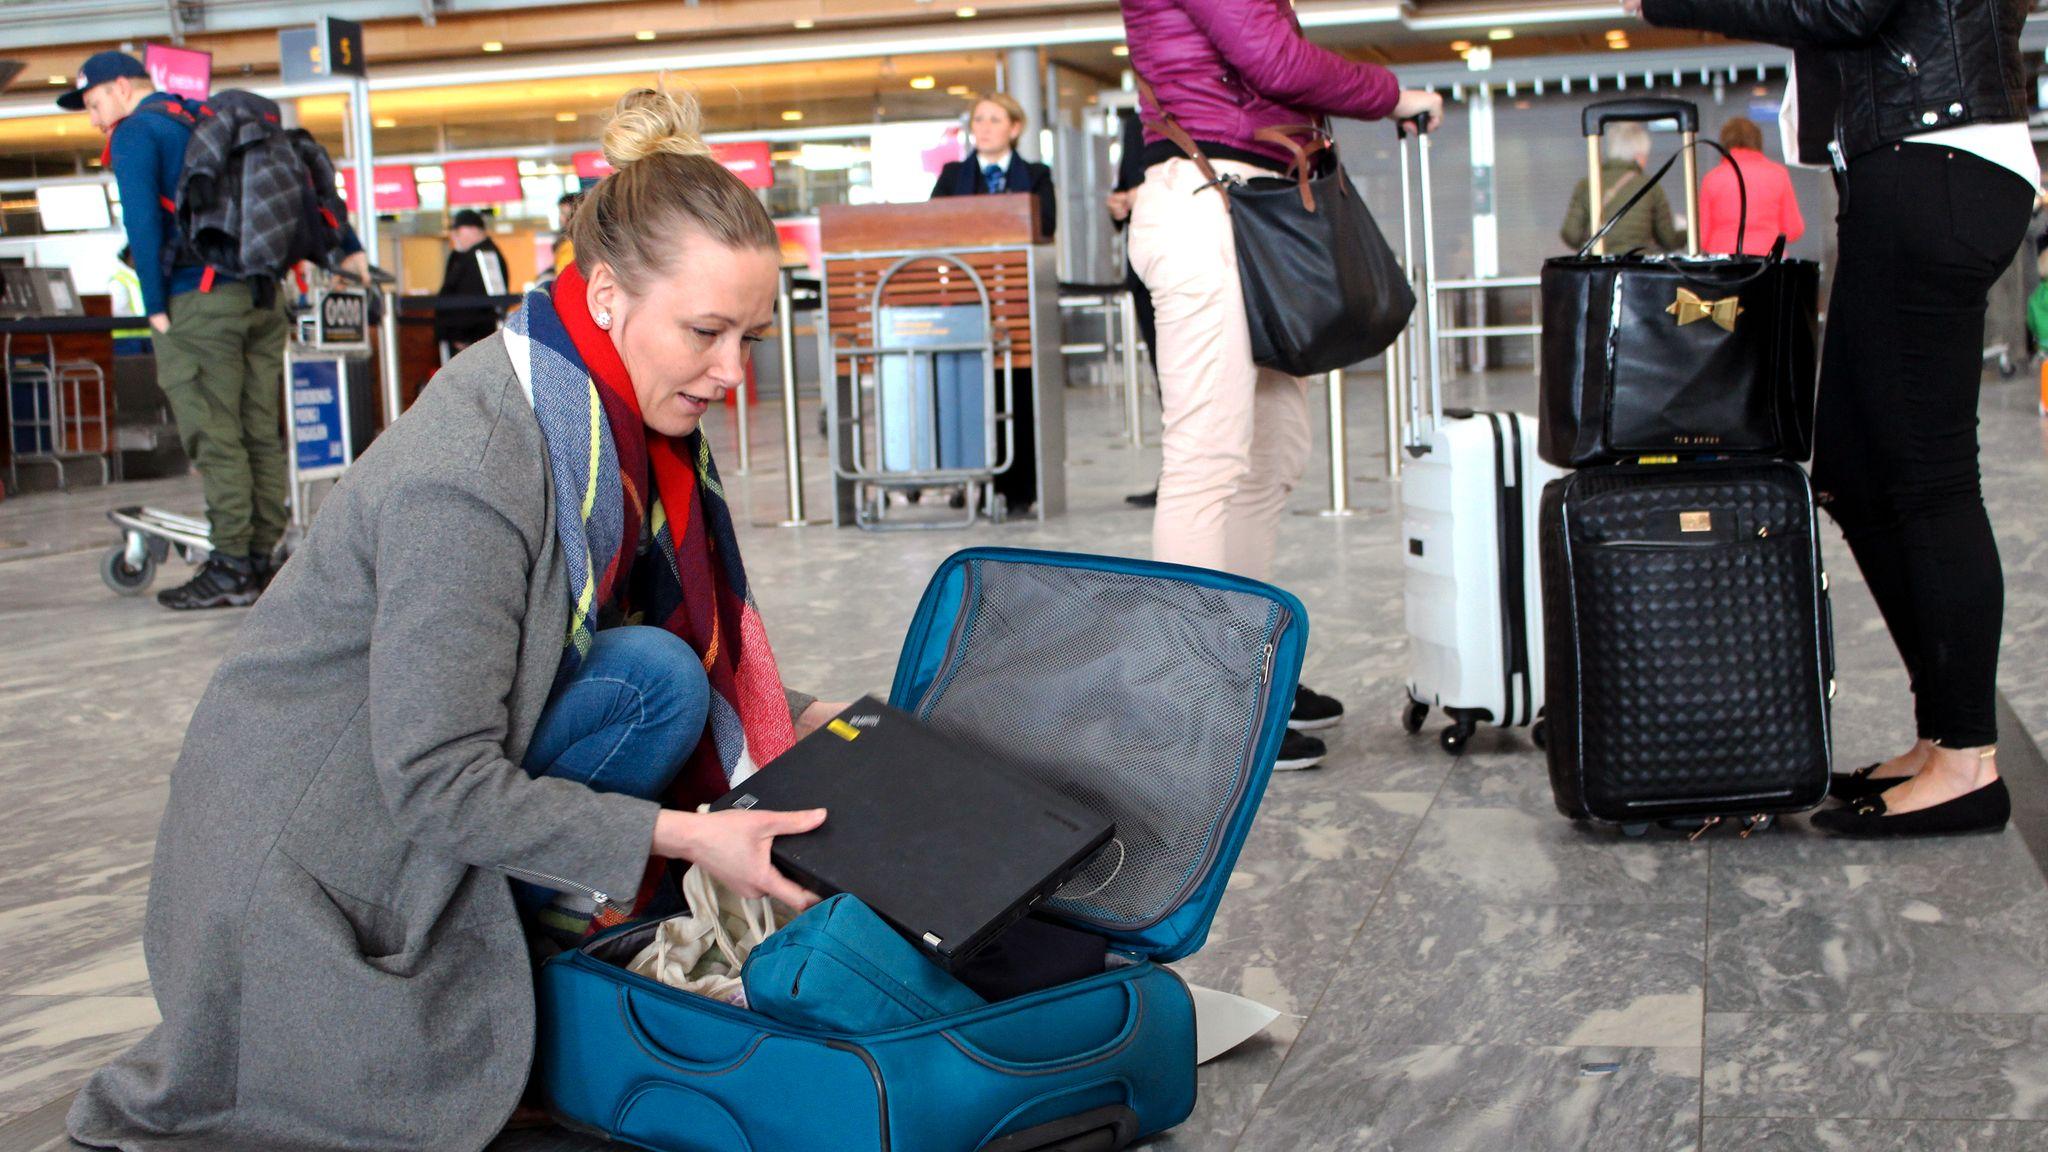 1ea25bed PAKKE PAKKE PAKKE: Ta med deg et ekstra pakketriks eller to i kofferten.  Kristine Grue Langset